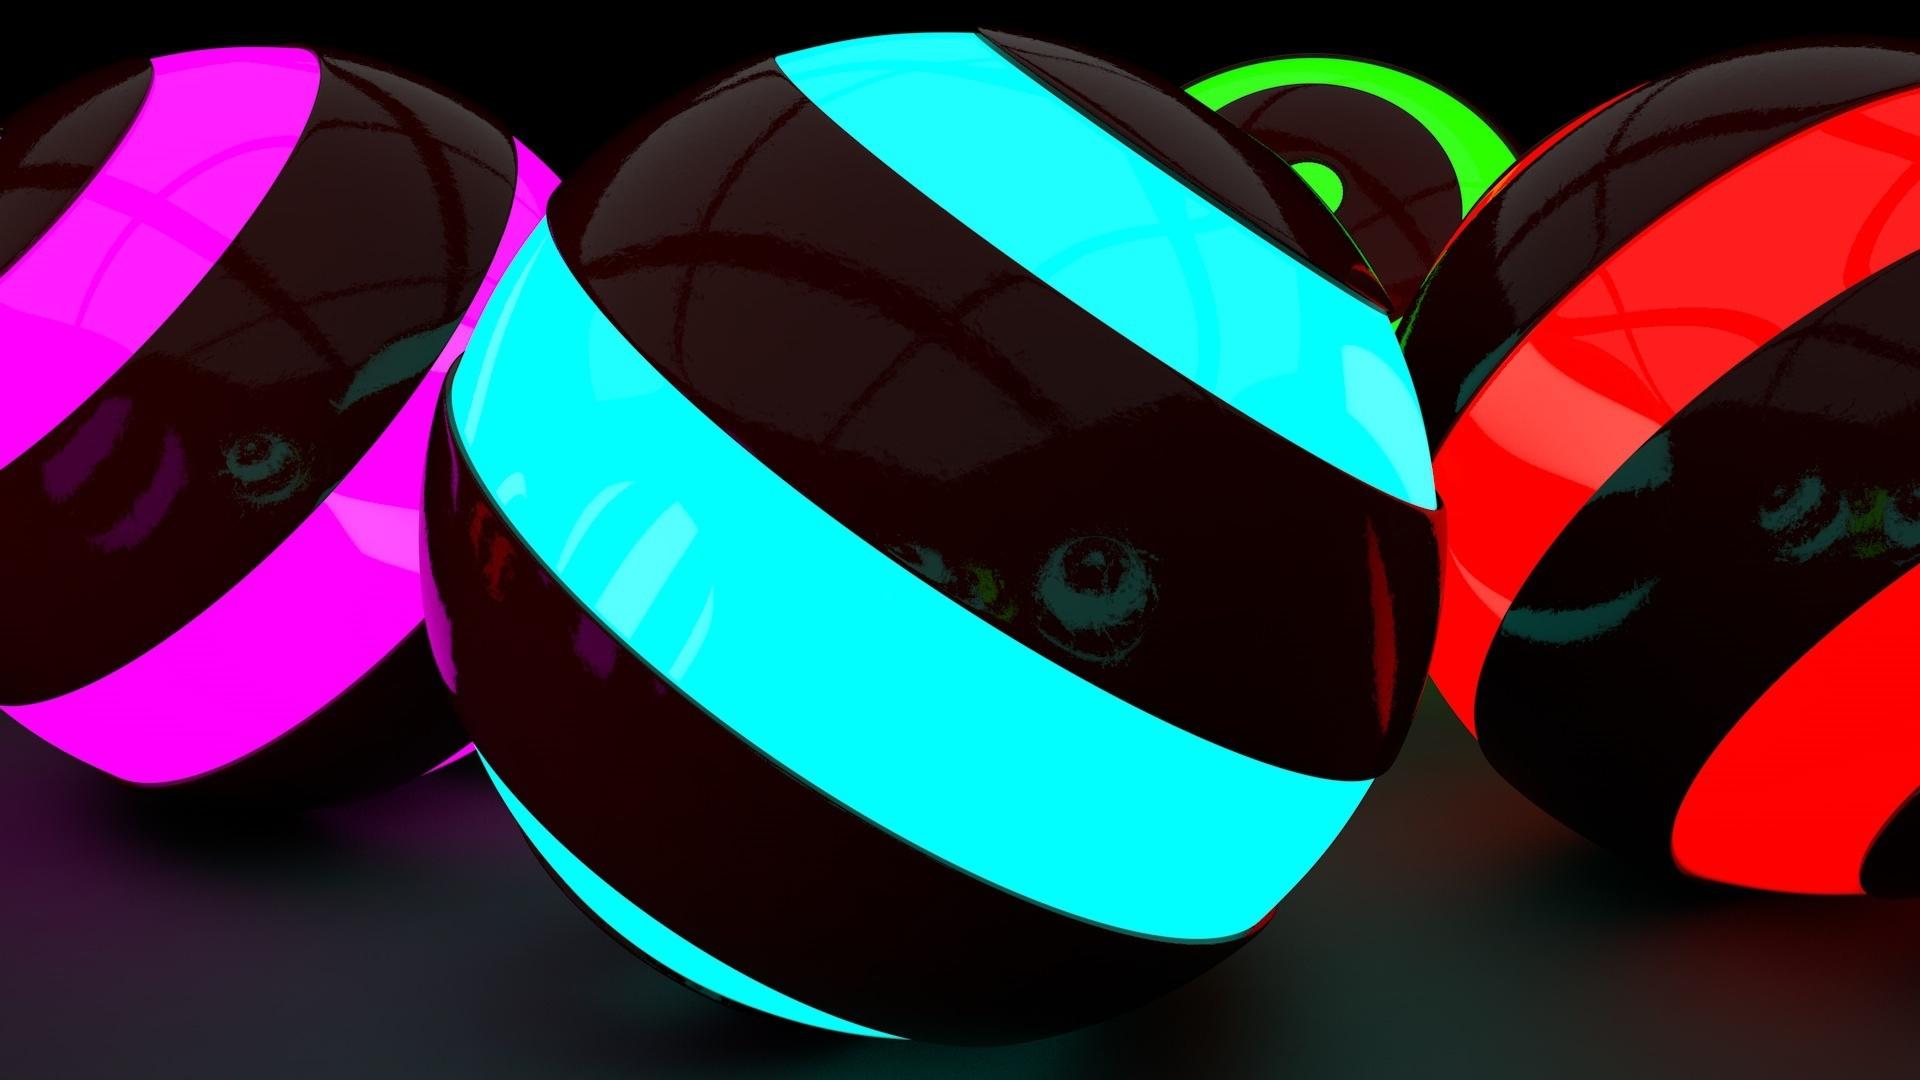 Neon Balloon wallpaper for computer